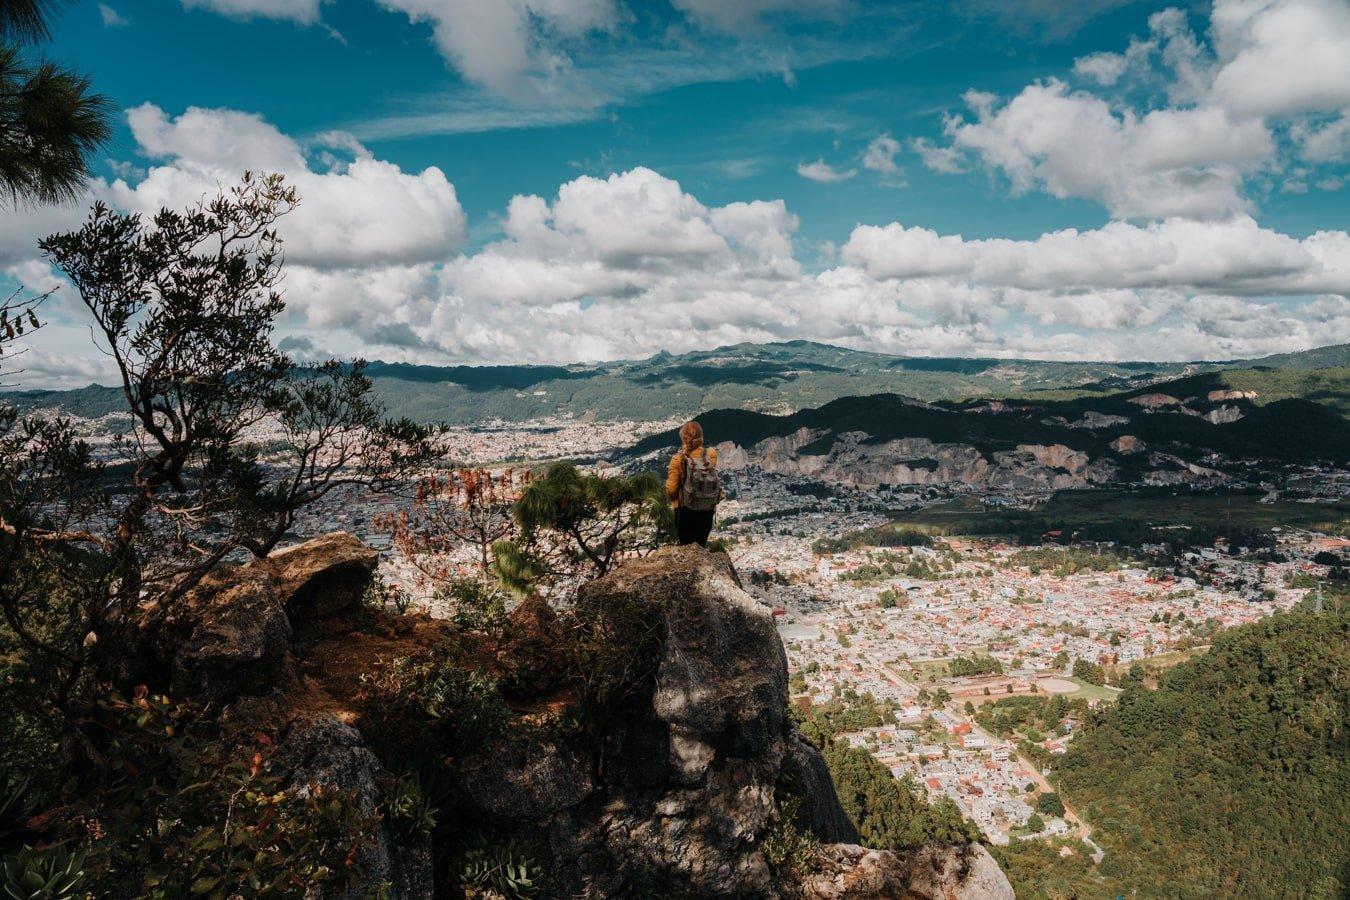 mirador at cerro don lauro viewpoint overlooking san cristobal de las casas